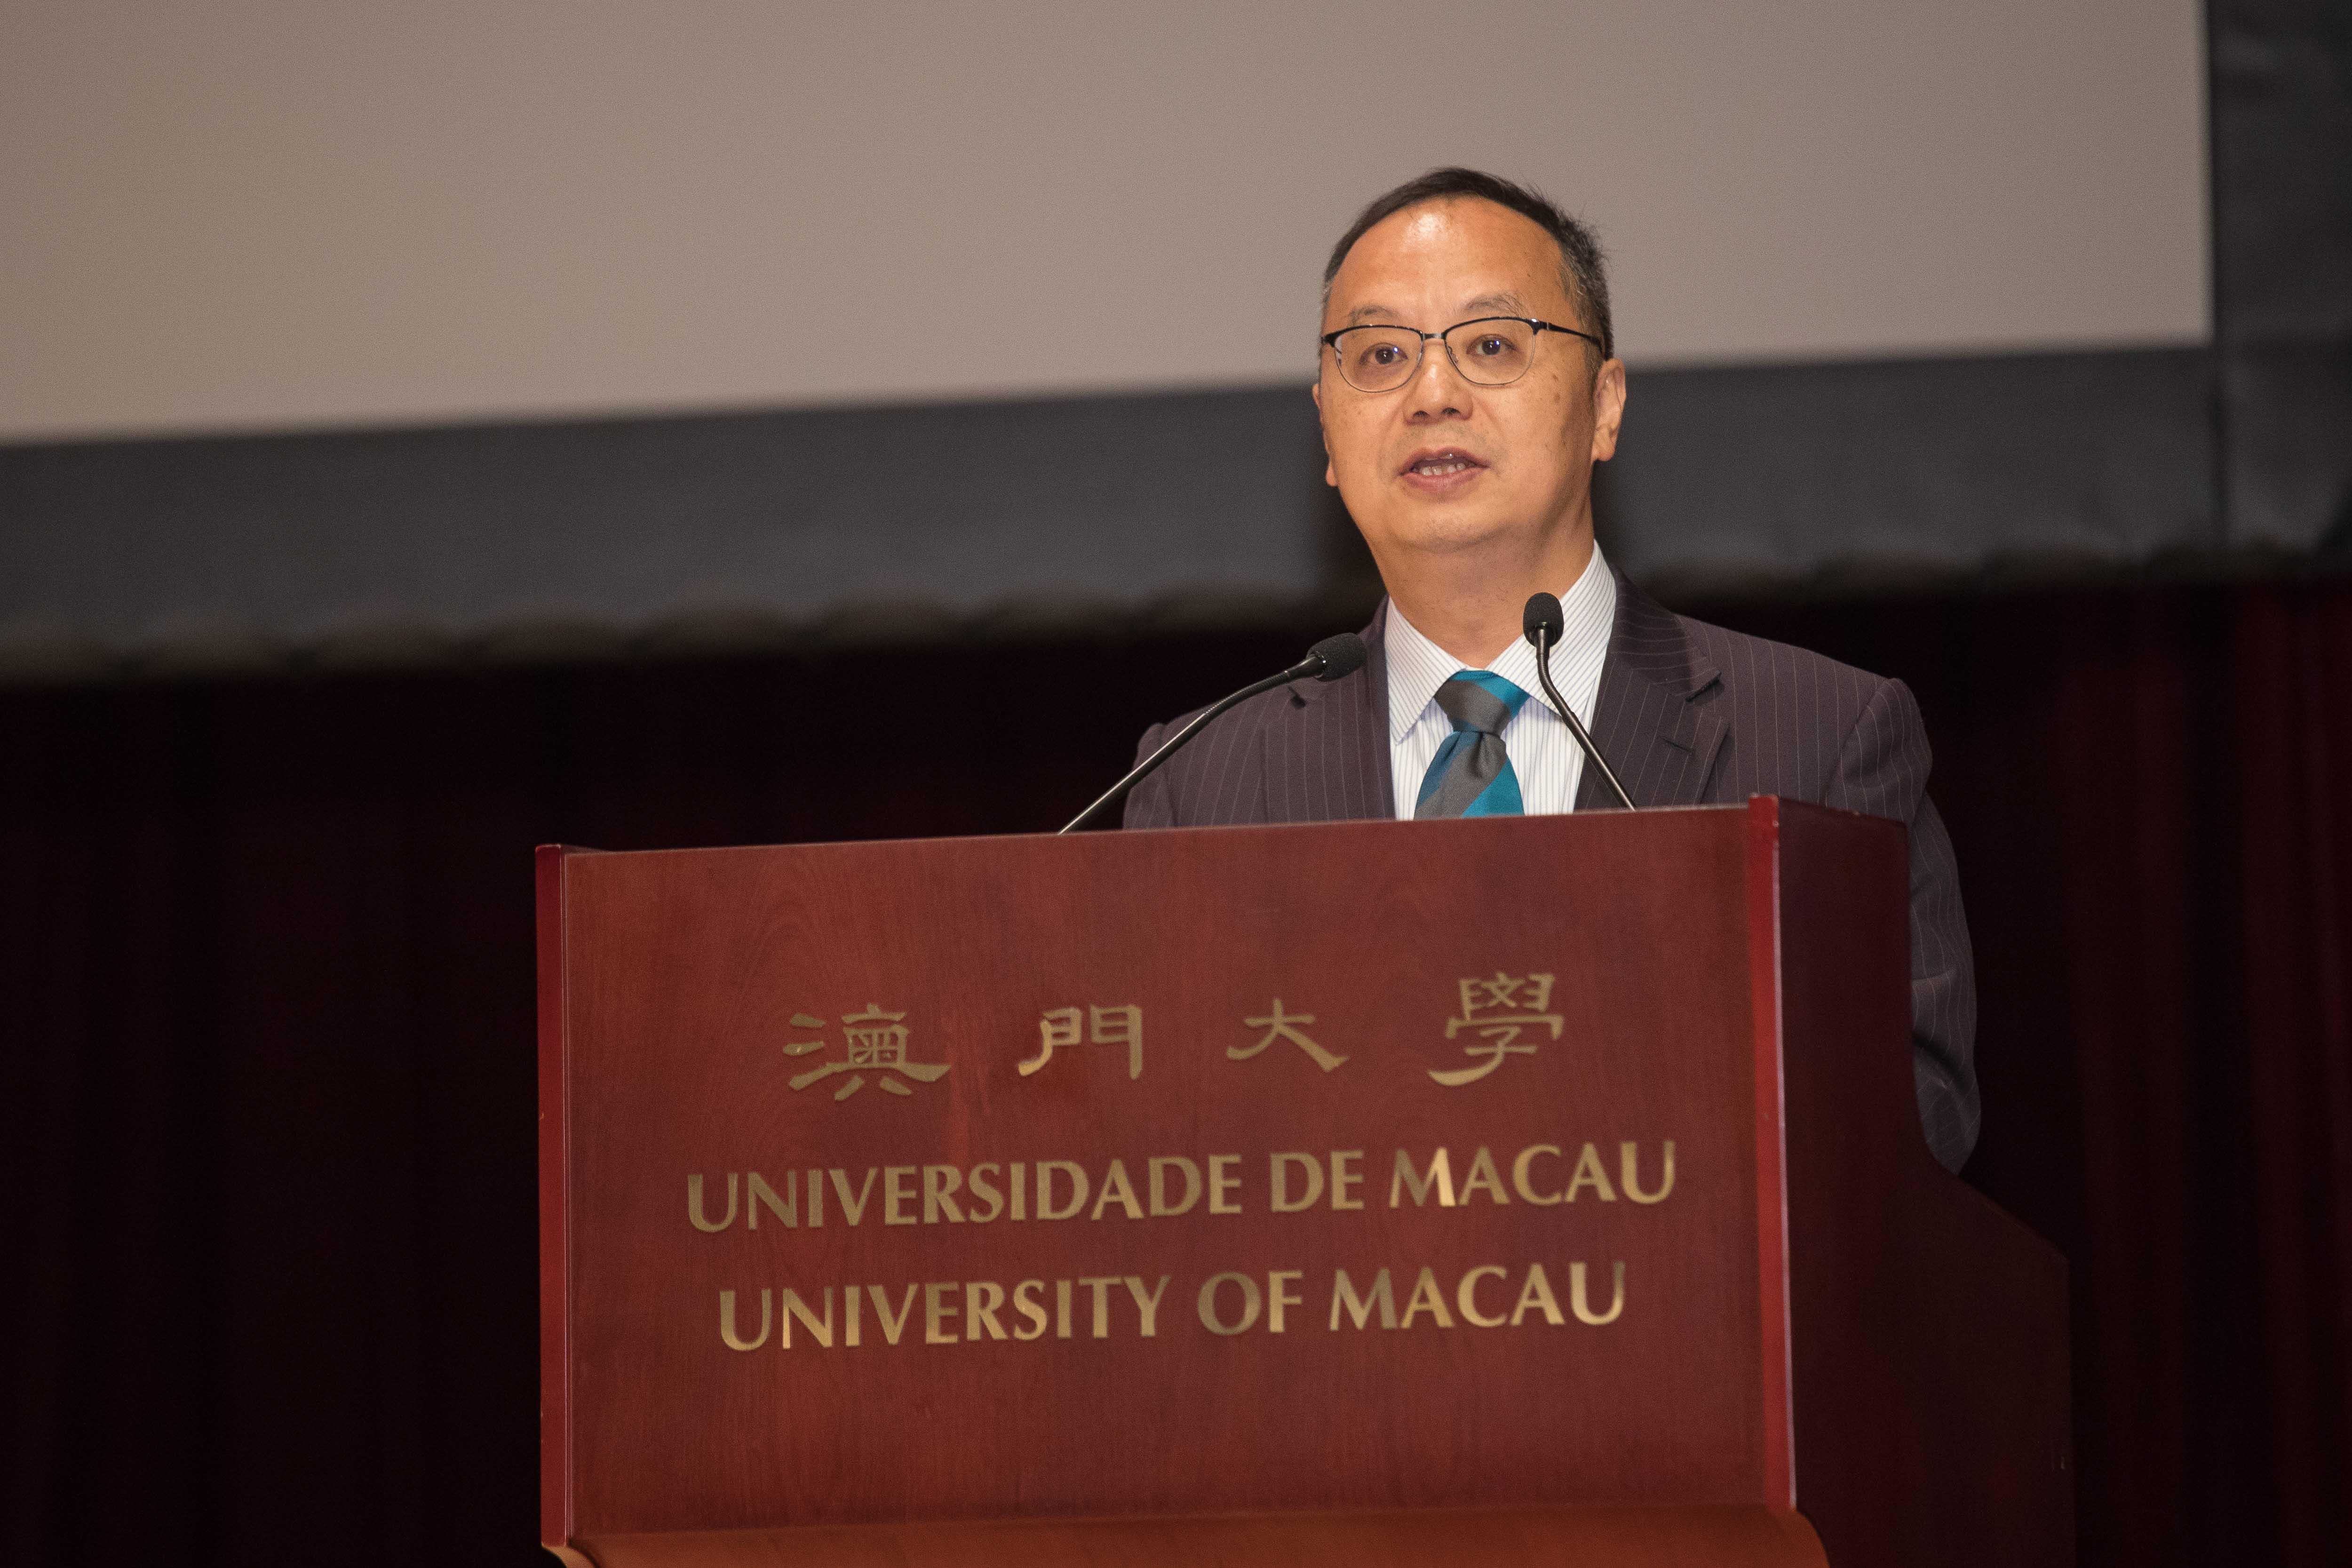 Rector Yonghua Song gives a speech